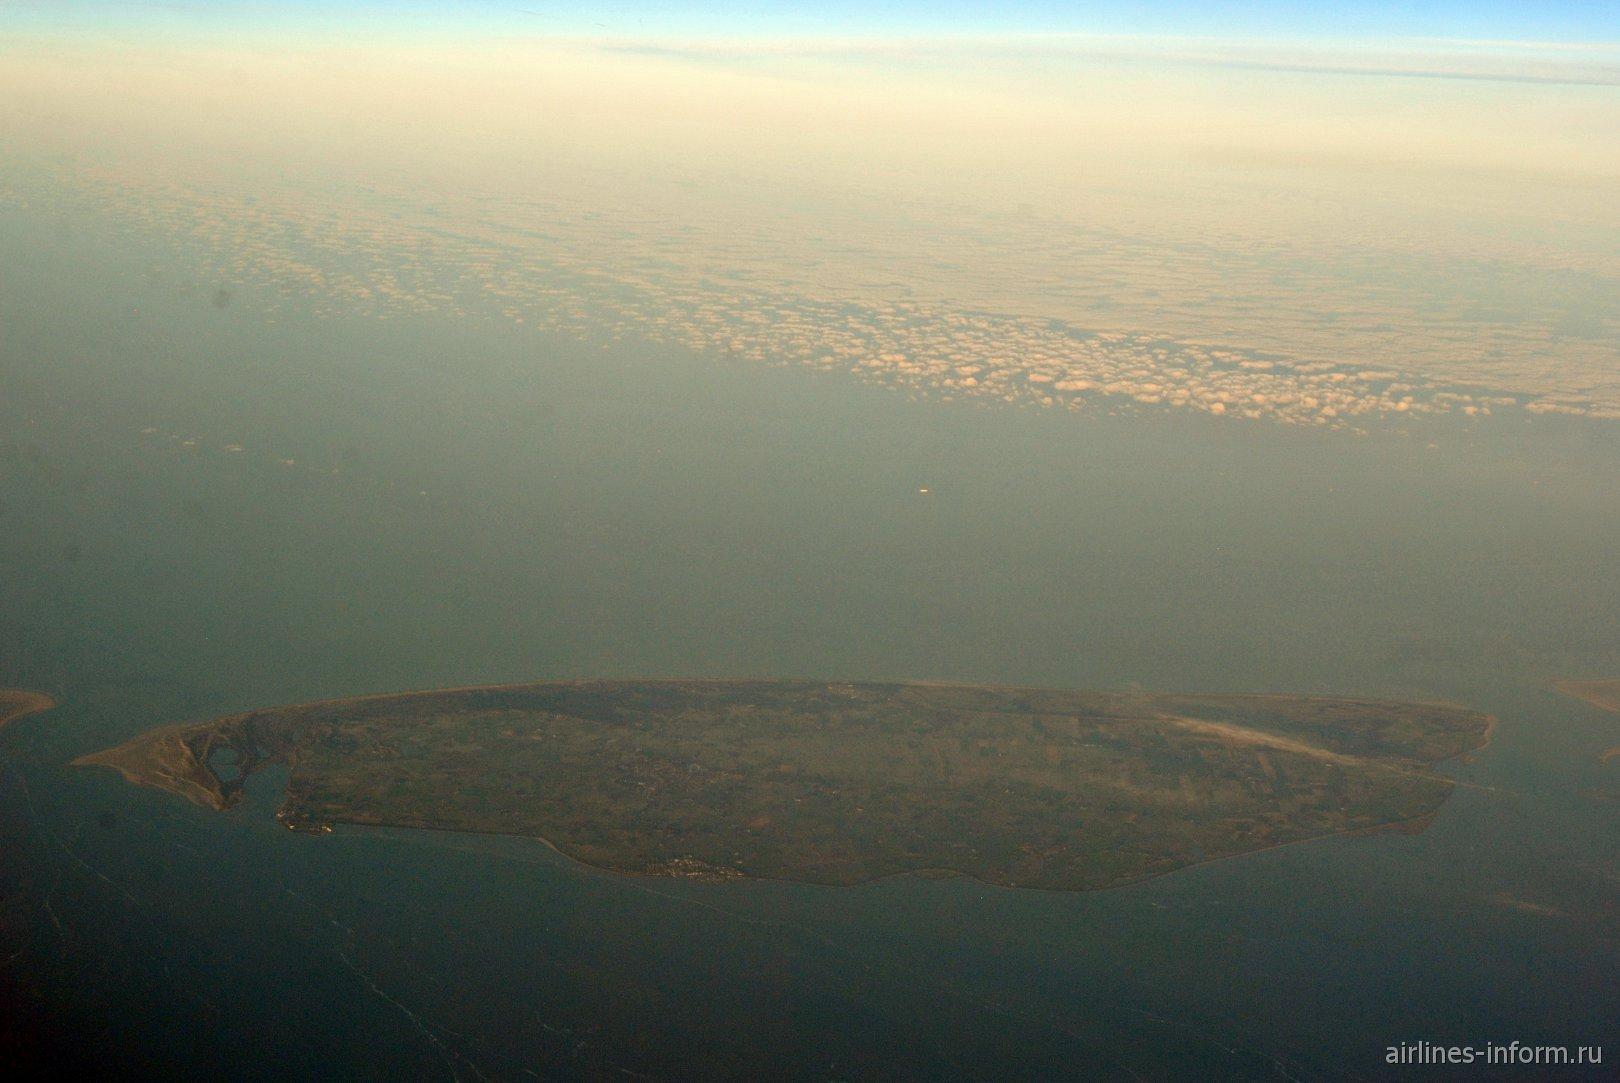 Нидерландский остров Тессел из архипелага Фризских островов